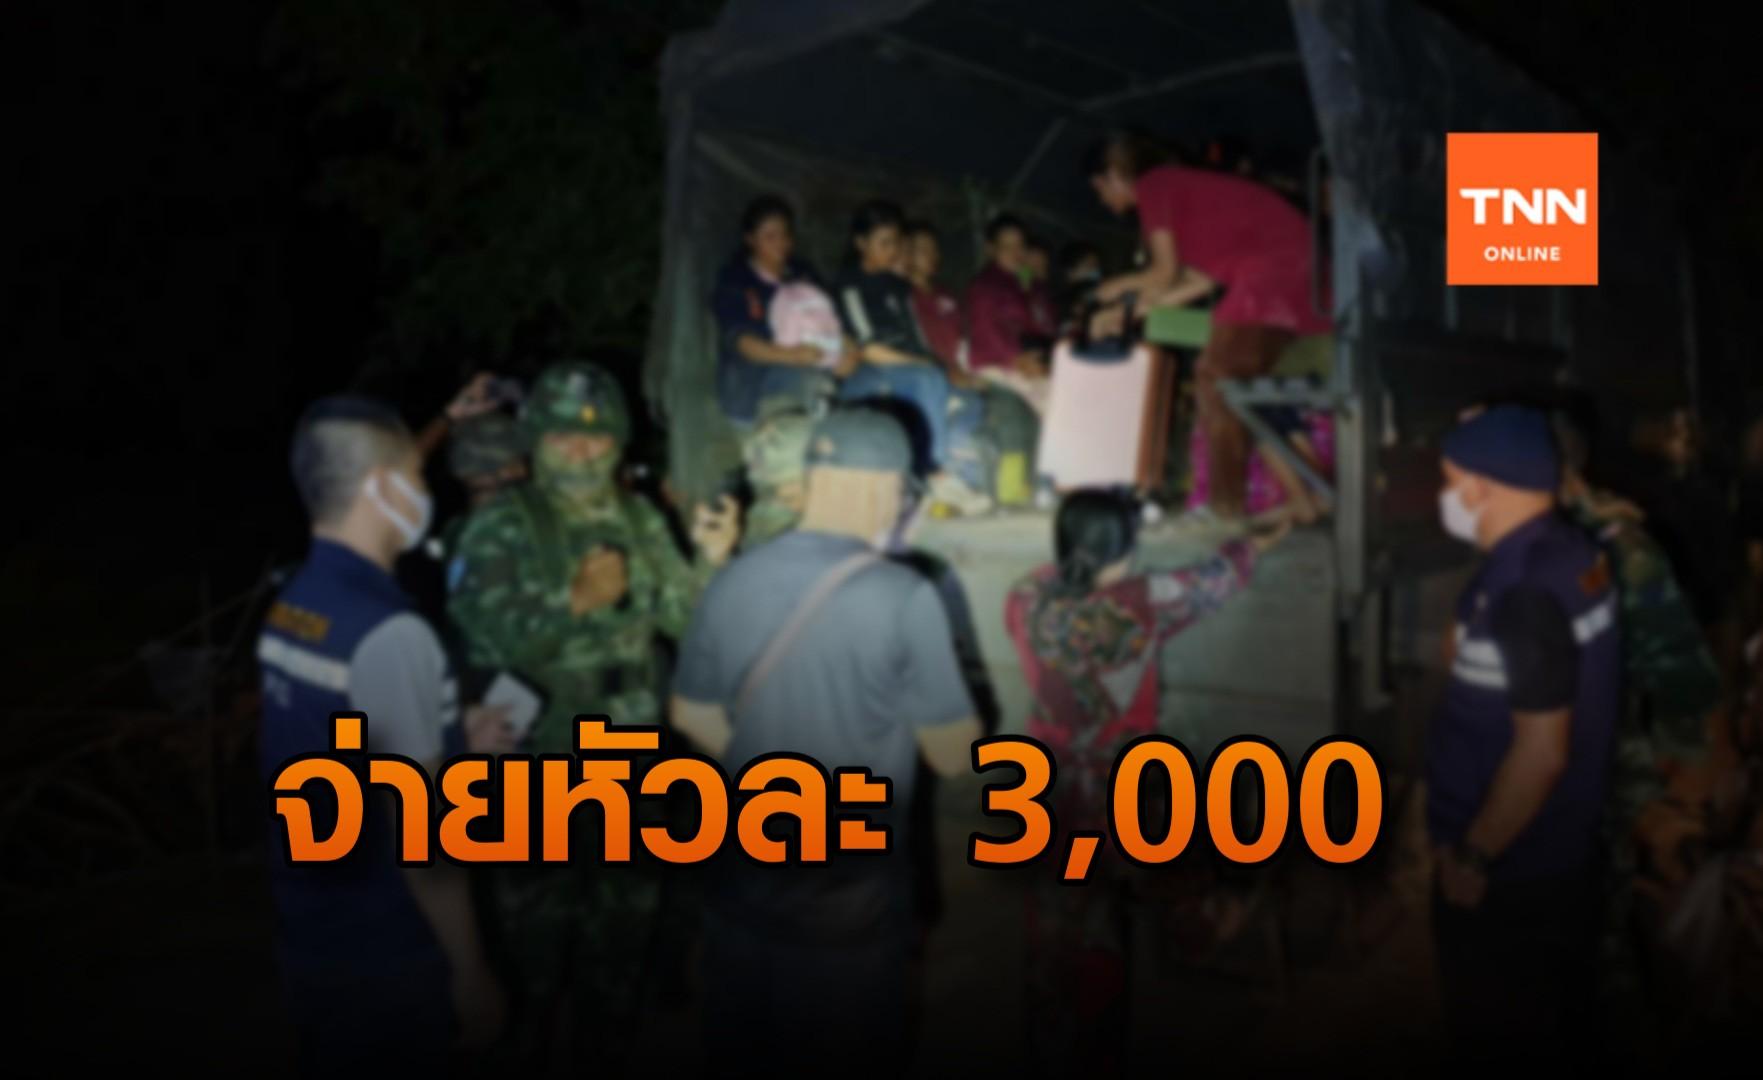 ตม.สระแก้วรวบ 59 ต่างด้าว-รับจ่ายค่าหัว 3,000 พาเข้าไทย